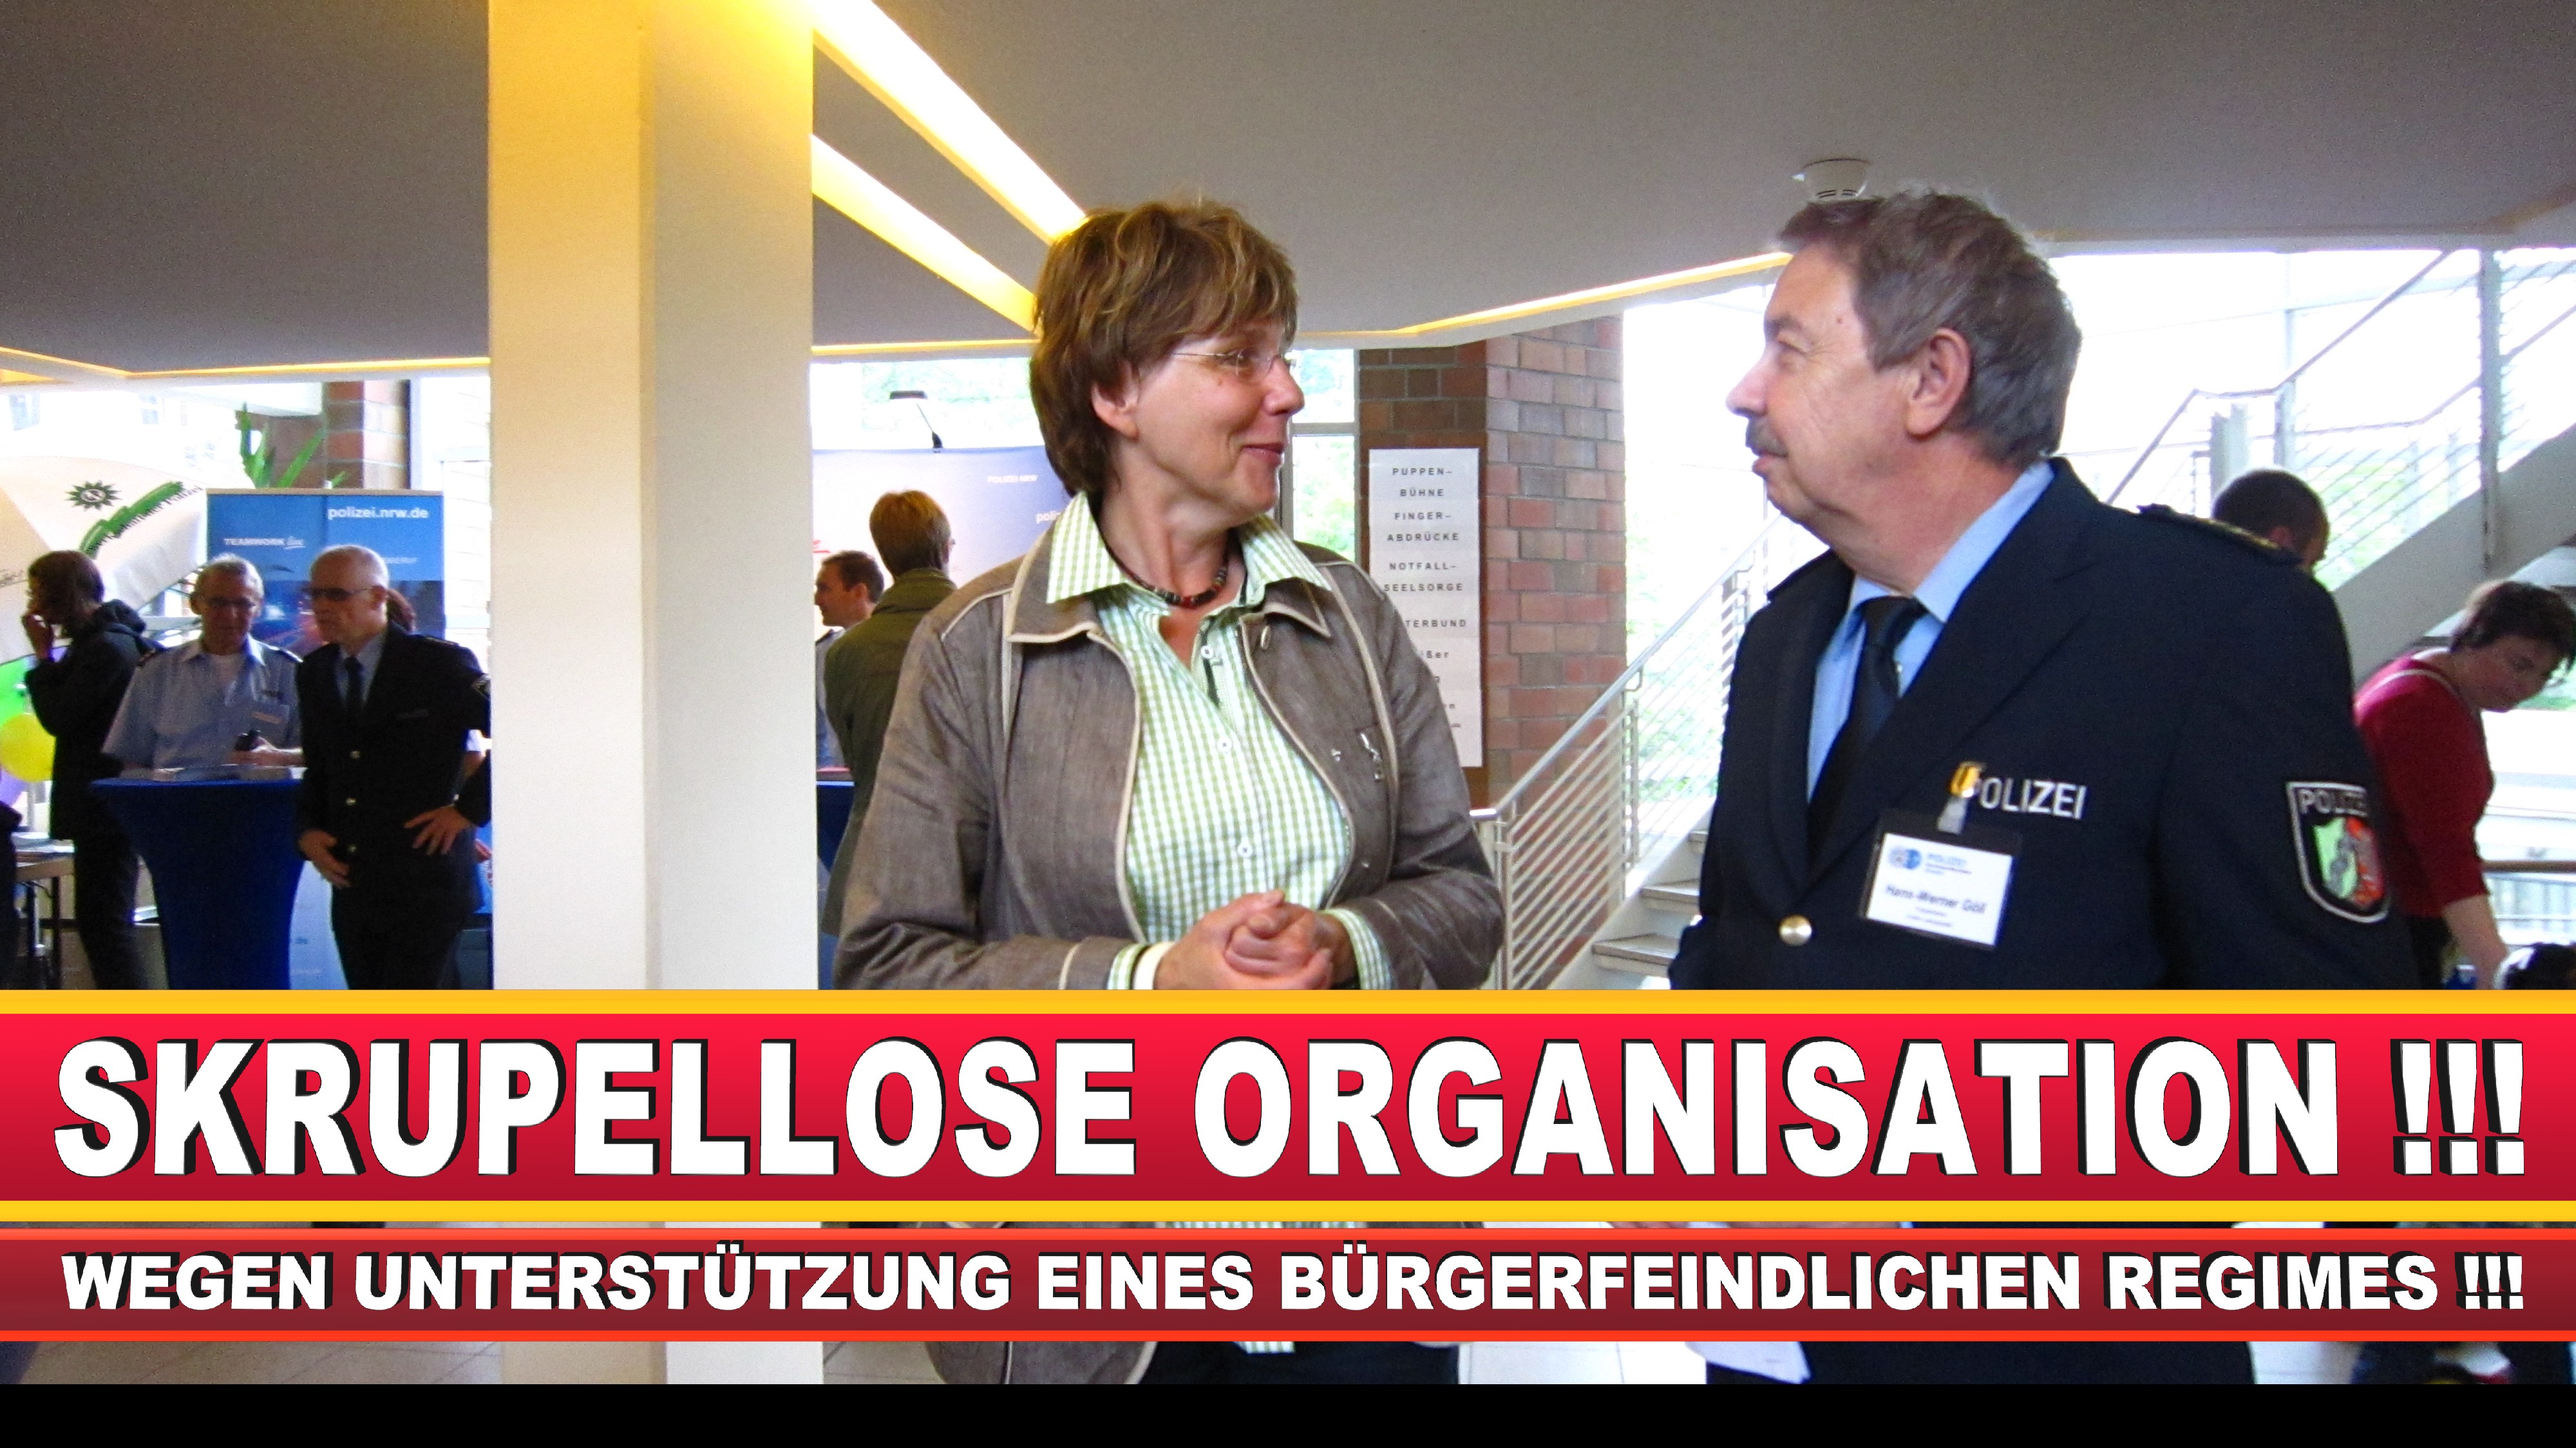 Polizeipräsidentin Katharina Giere Polizei Bielefeld NRW Erwin Südfeld Horst Kruse Polizeiuniform Polizeigewalt DEMONSTRATION Bahnhof (30)